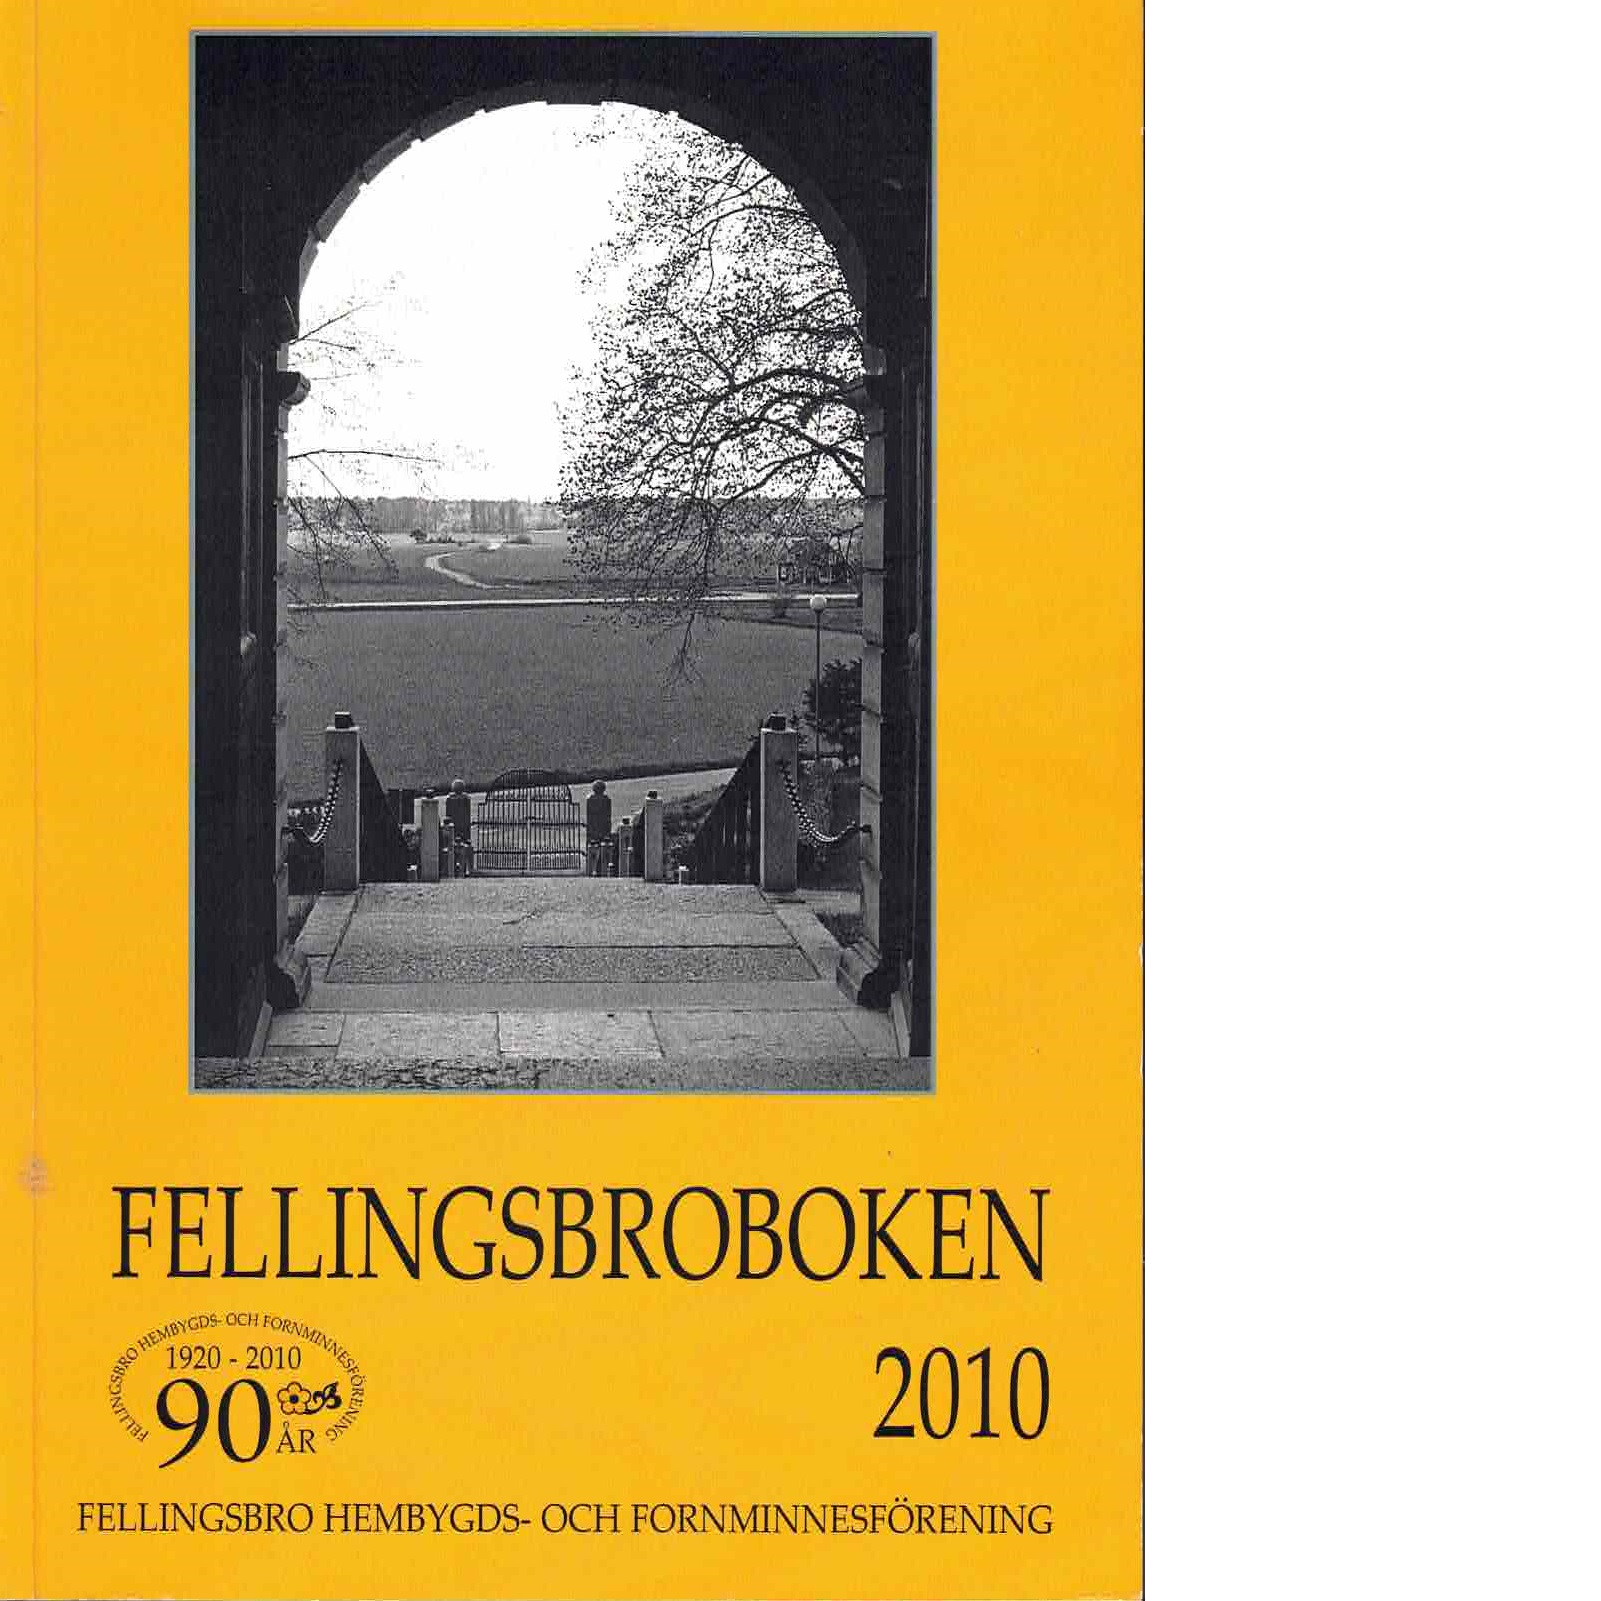 Fellingsbroboken 2010 - Red.